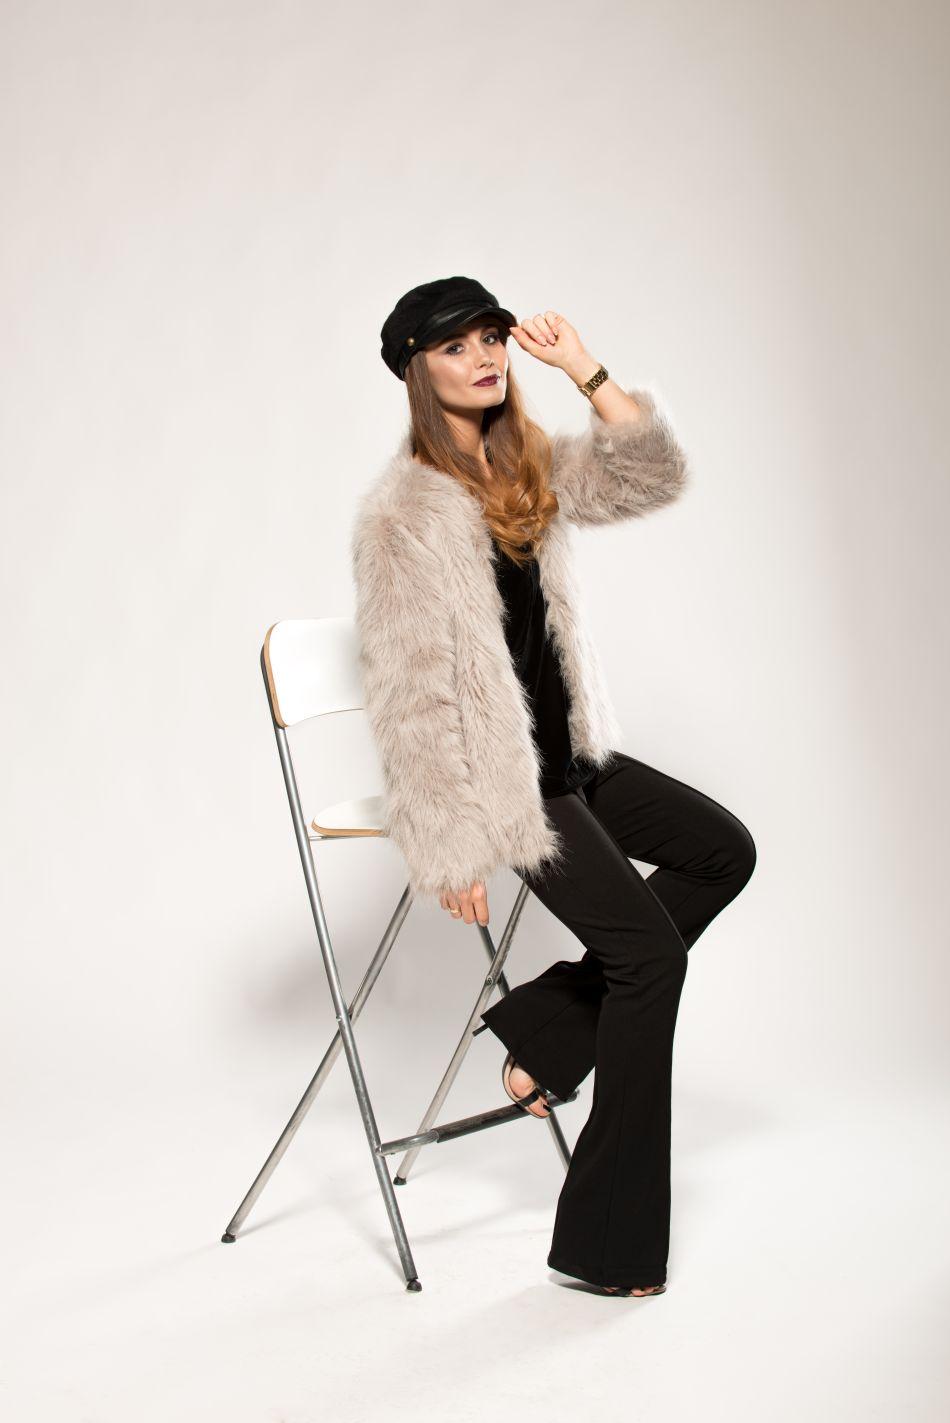 blogi o modzie | blog modowy | futerko jesien zima 2015 | blogerka z krakowa | najlepszy blog o modzie | kaszkiet | czapka na jesien | spodnie dzwony | sesja blancciel